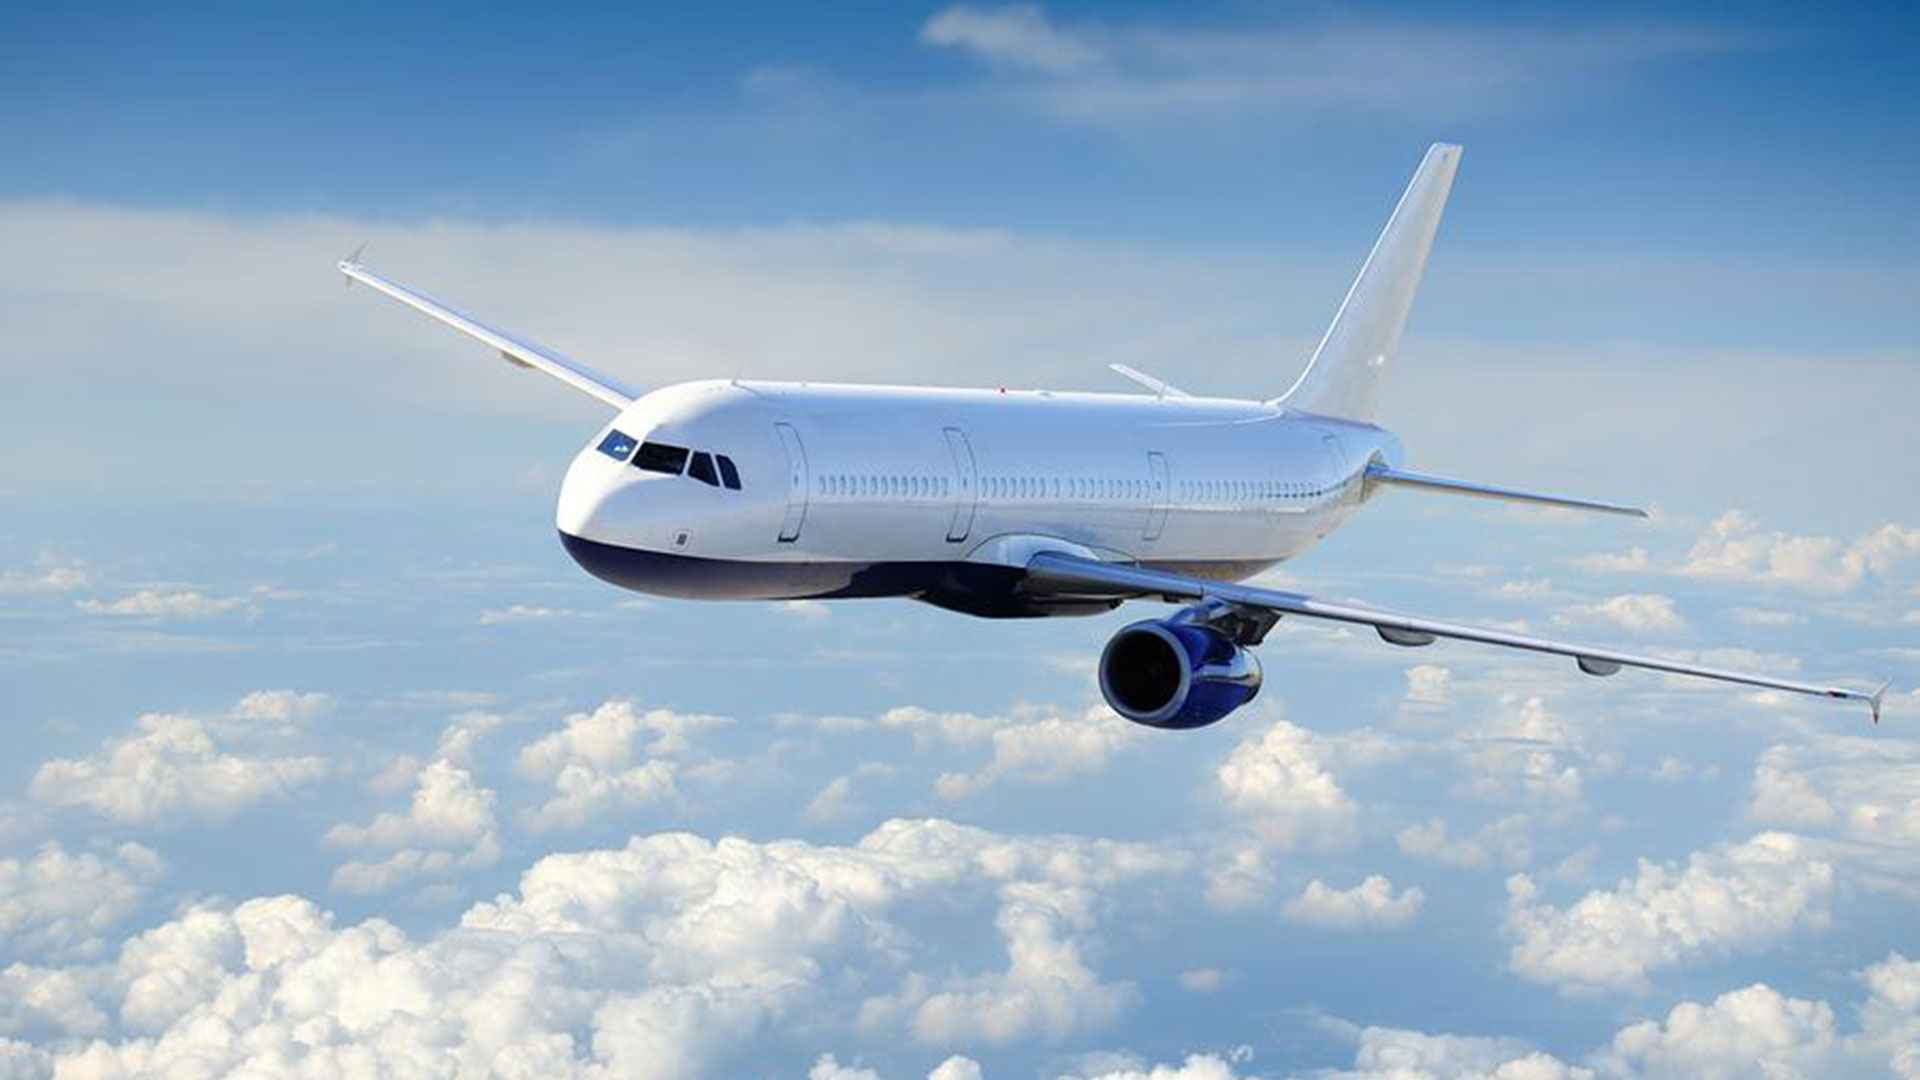 Ihr Flug in die Dominikanische Republik